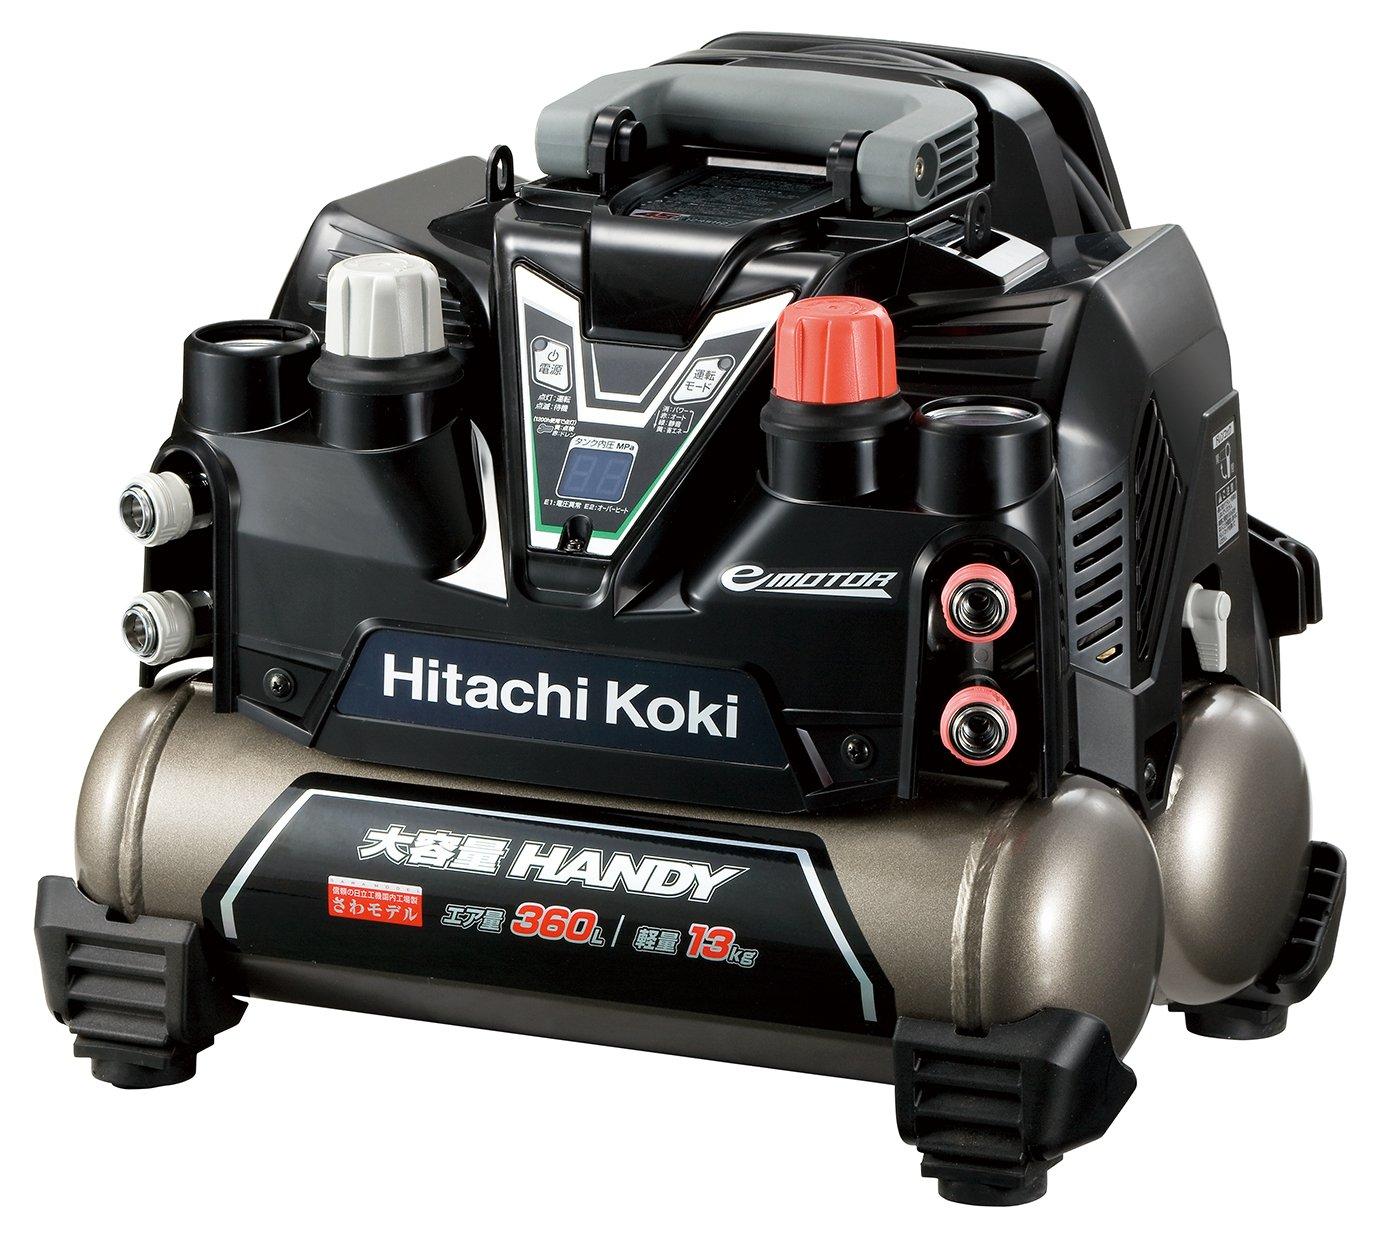 日立工機 釘打機用エアコンプレッサ タンク容量9L 一般圧専用機 EC1433H(N) B00OHW26CC タンク容量9L|一般圧専用 セキュリティ機能なし  タンク容量9L